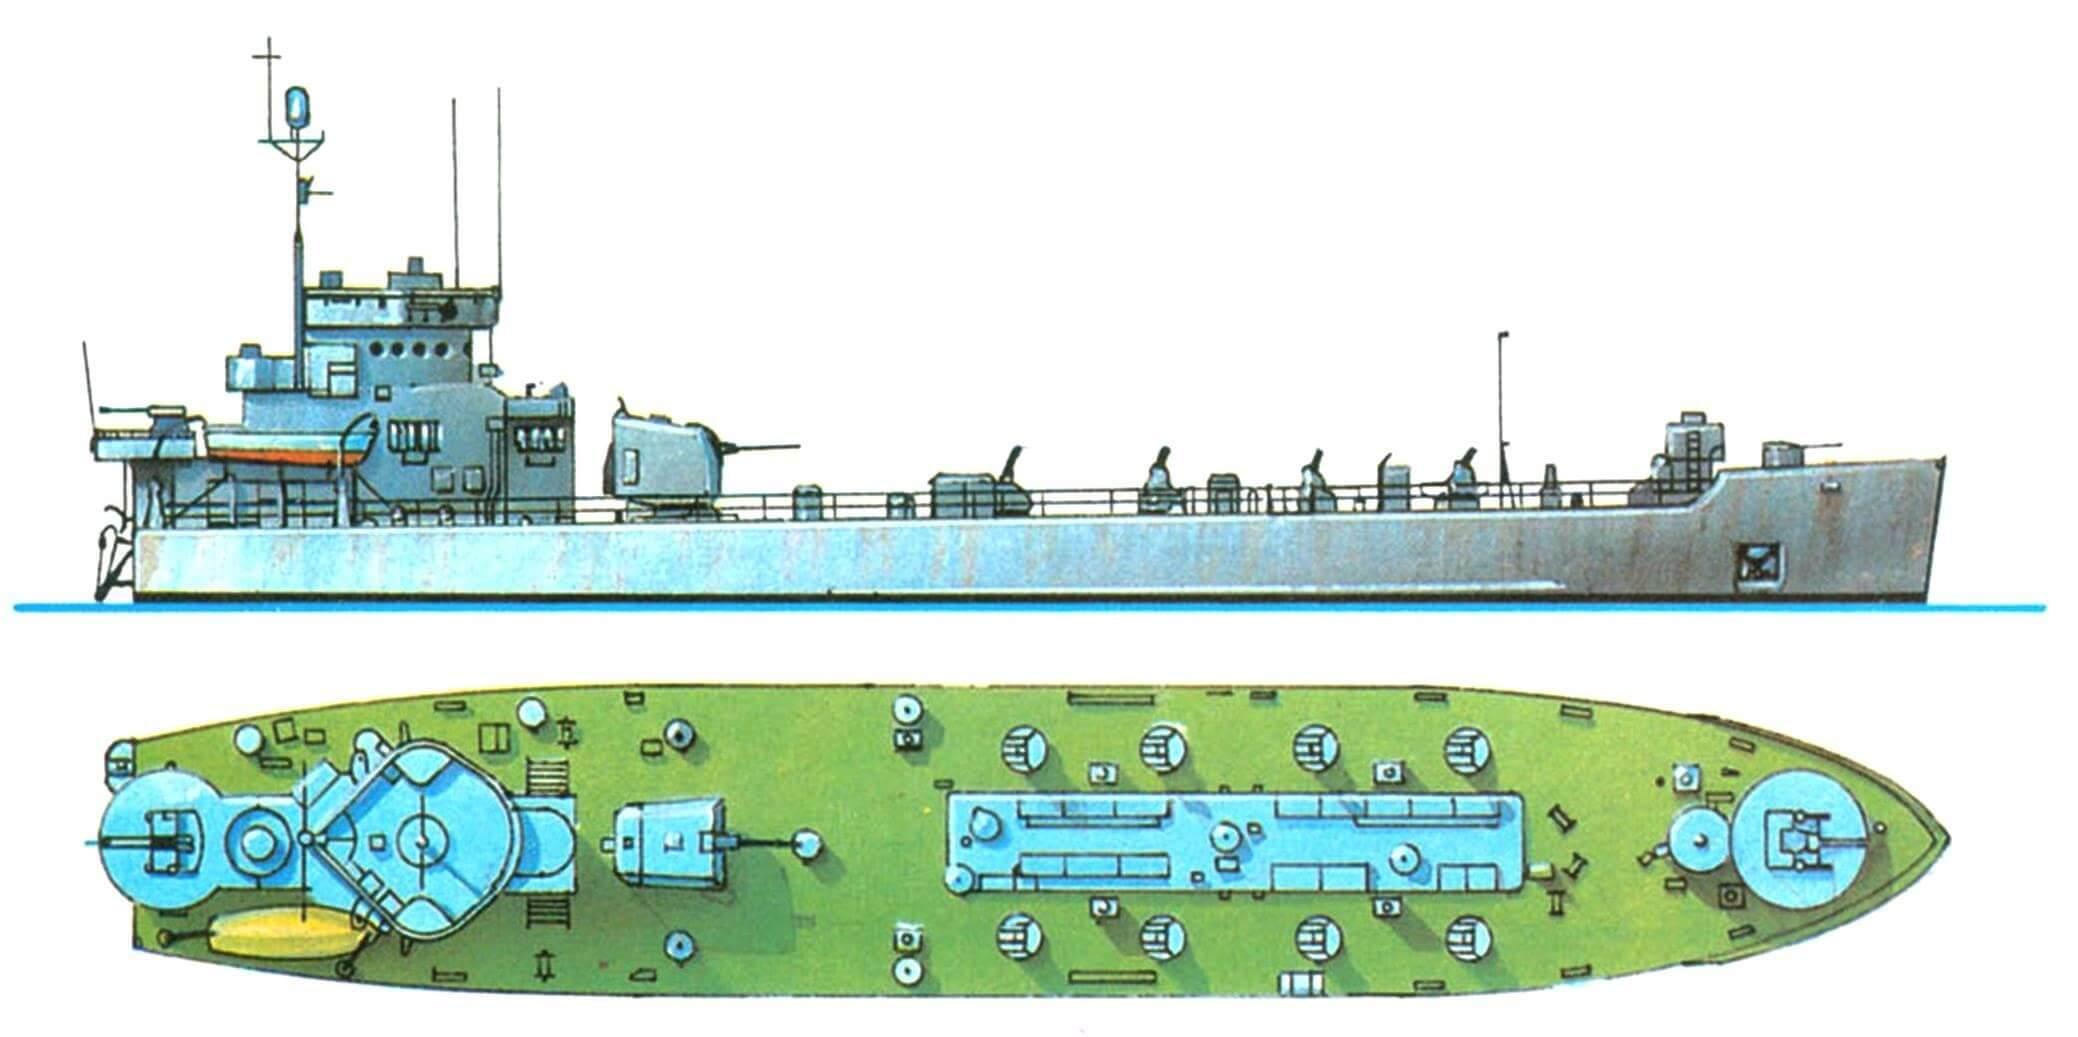 34. Корабль огневой поддержки десанта LSM(R)-501, США, 1944 г. Водоизмещение полное 990 т. Длина 62,0 м, ширина 10,5 м, осадка 1,7 м. Два дизельных двигателя общей мощностью 2800 л.с., скорость 13 узлов. Вооружение: одно 127-мм универсальное орудие, 105 направляющих для запуска 127-мм неуправляемых ракет, четыре 40-мм и восемь 20-мм зенитных автоматов. Всего в 1944 — 1945 годах построено 60 единиц, несколько отличавшихся составом вооружения.